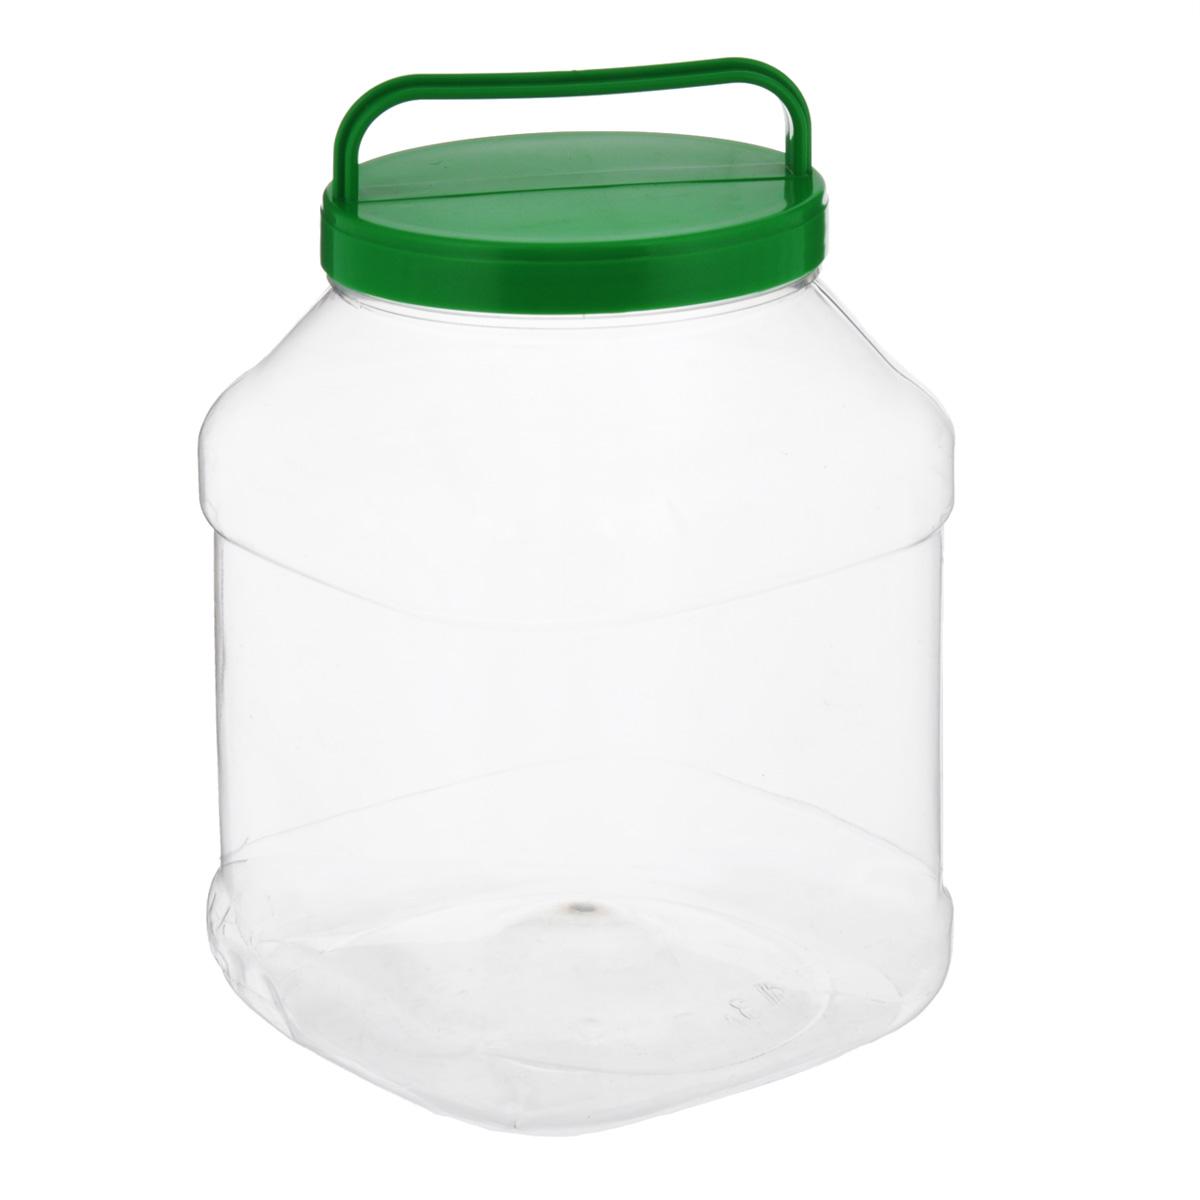 Бидон Альтернатива, прямоугольный, цвет: зеленый, 3 лМ463Бидон Альтернатива предназначен для хранения и переноски пищевыхпродуктов, таких какмолоко, вода и т.д. Изделие выполнено из пищевого высококачественного ПЭТ.Оснащен ручкойдля удобной переноски. Бидон Альтернатива станет незаменимым аксессуаром на вашей кухне.Объем: 3 л. Диаметр (по верхнему краю): 10,5 см.Высота бидона (без учета крышки): 19 см. Размер дна: 15 см х 15 см.